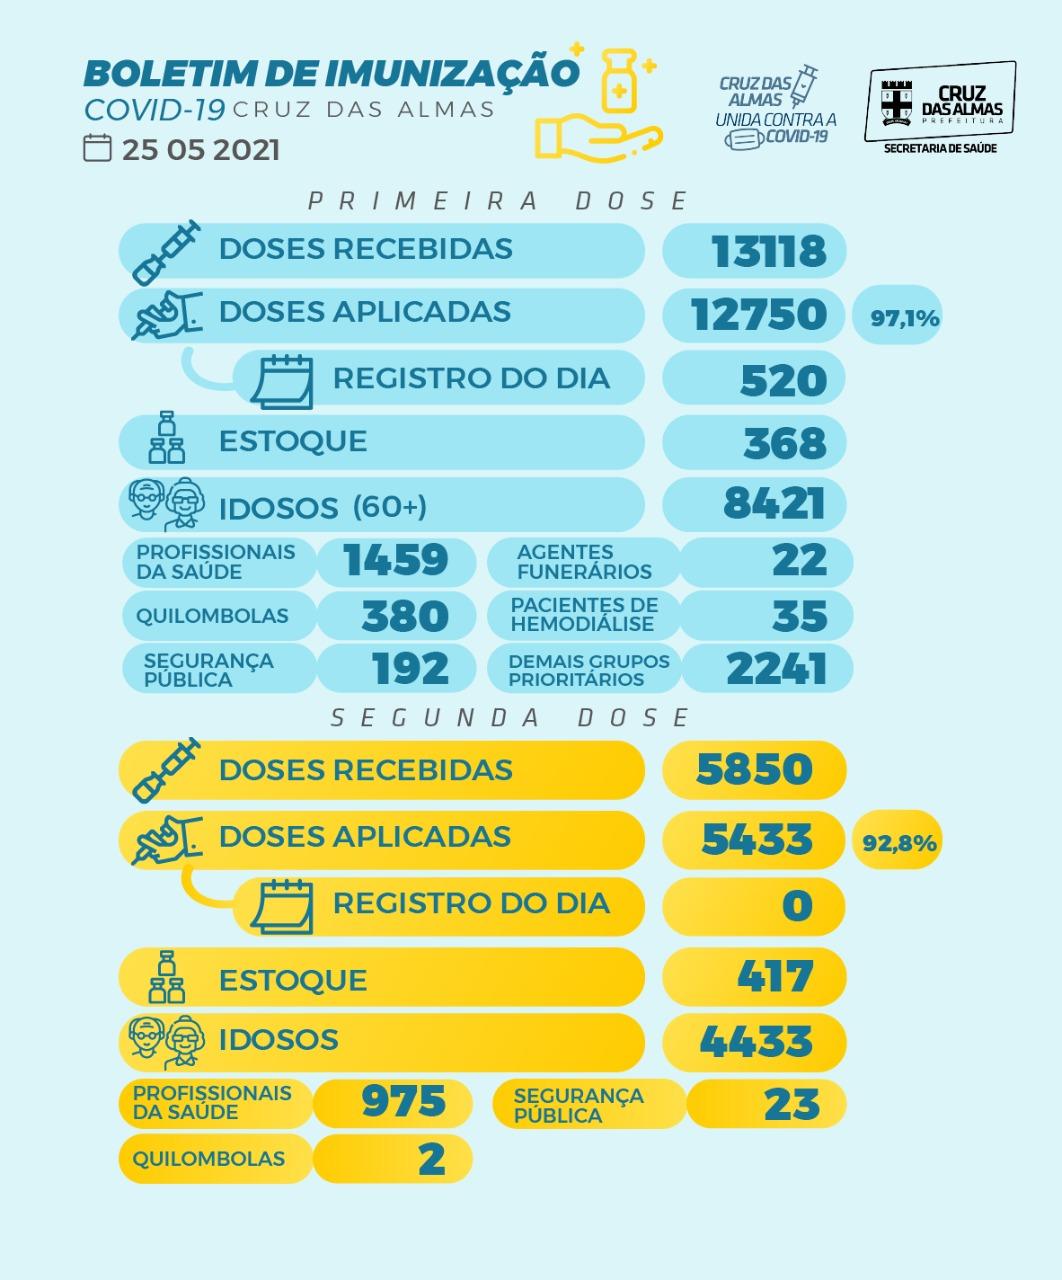 BOLETIM DE IMUNIZAÇÃO 25/05/2021